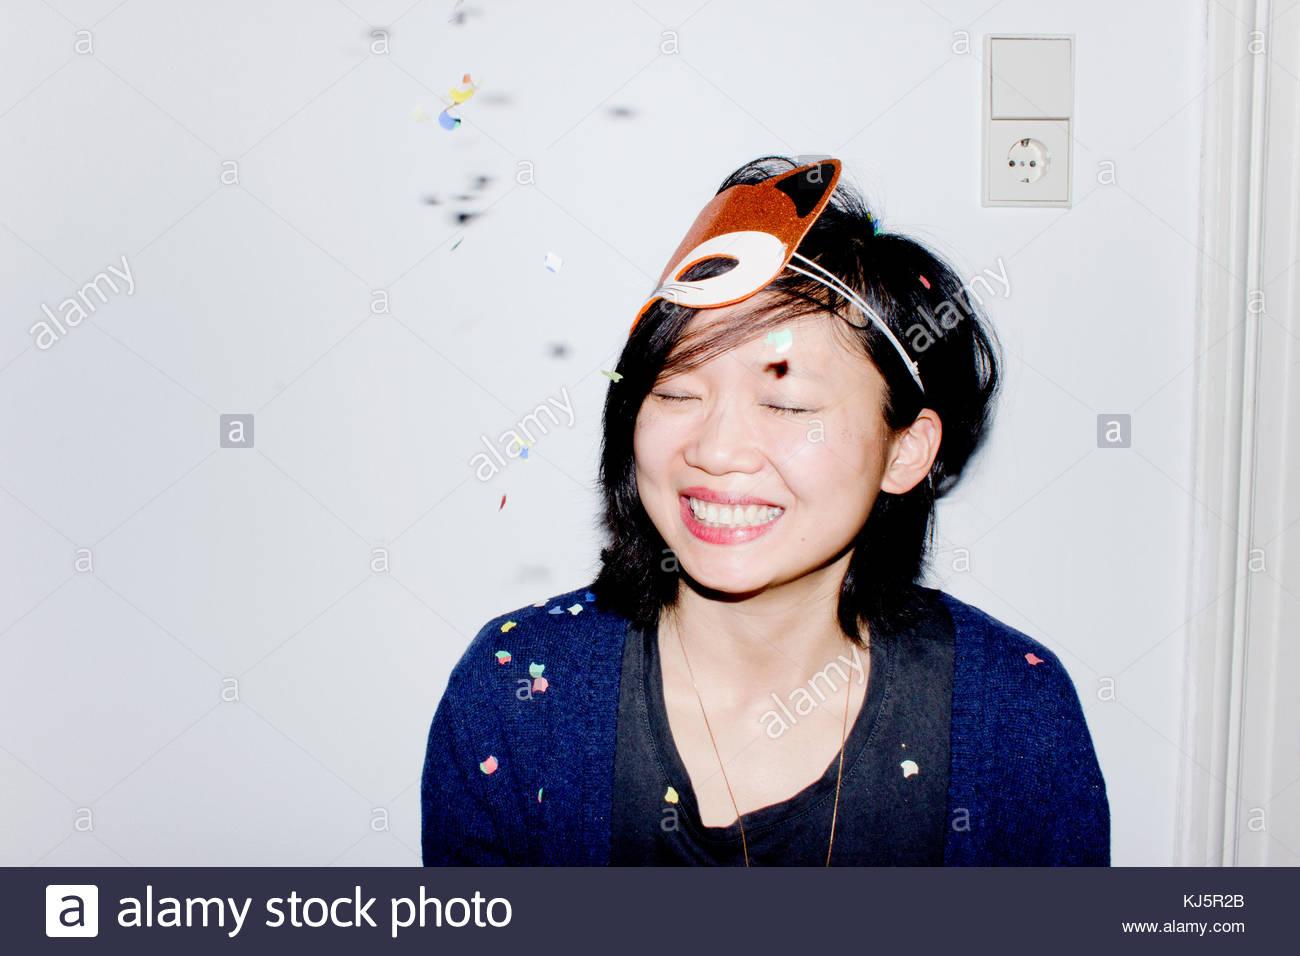 Mujer sonriente con máscara de Fox y confeti Imagen De Stock